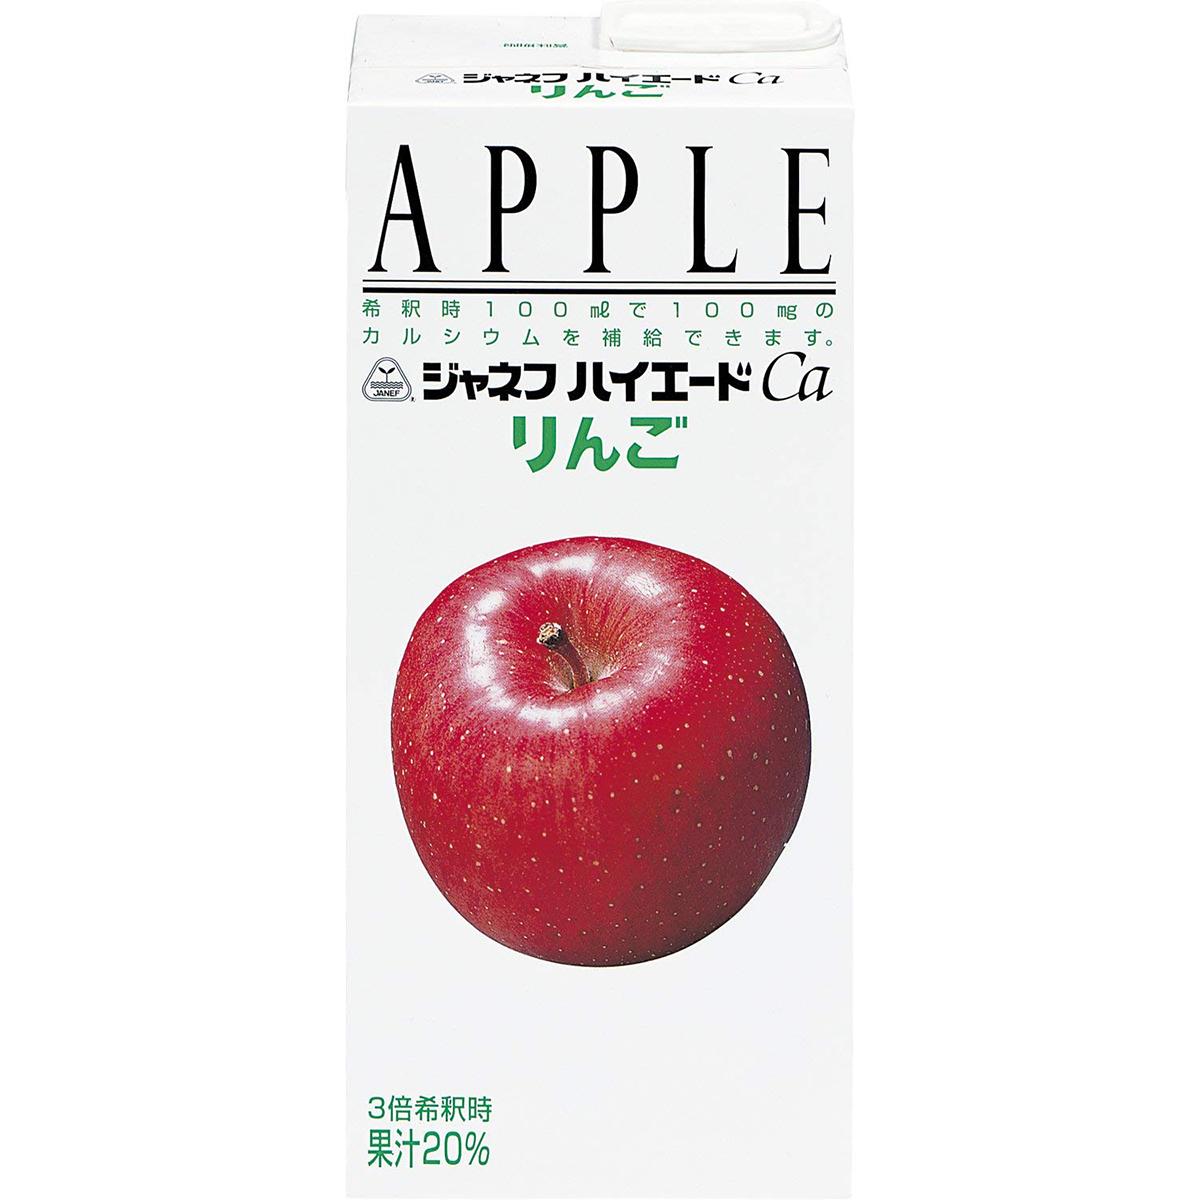 【本日ポイント5倍相当】キューピージャネフハイエードCa・りんご 1L×18本セット【病態対応食:ミネラル補給食品・カルシウム】【この商品は発送までに1週間前後かかります】【ご注文後のキャンセルが出来ません】